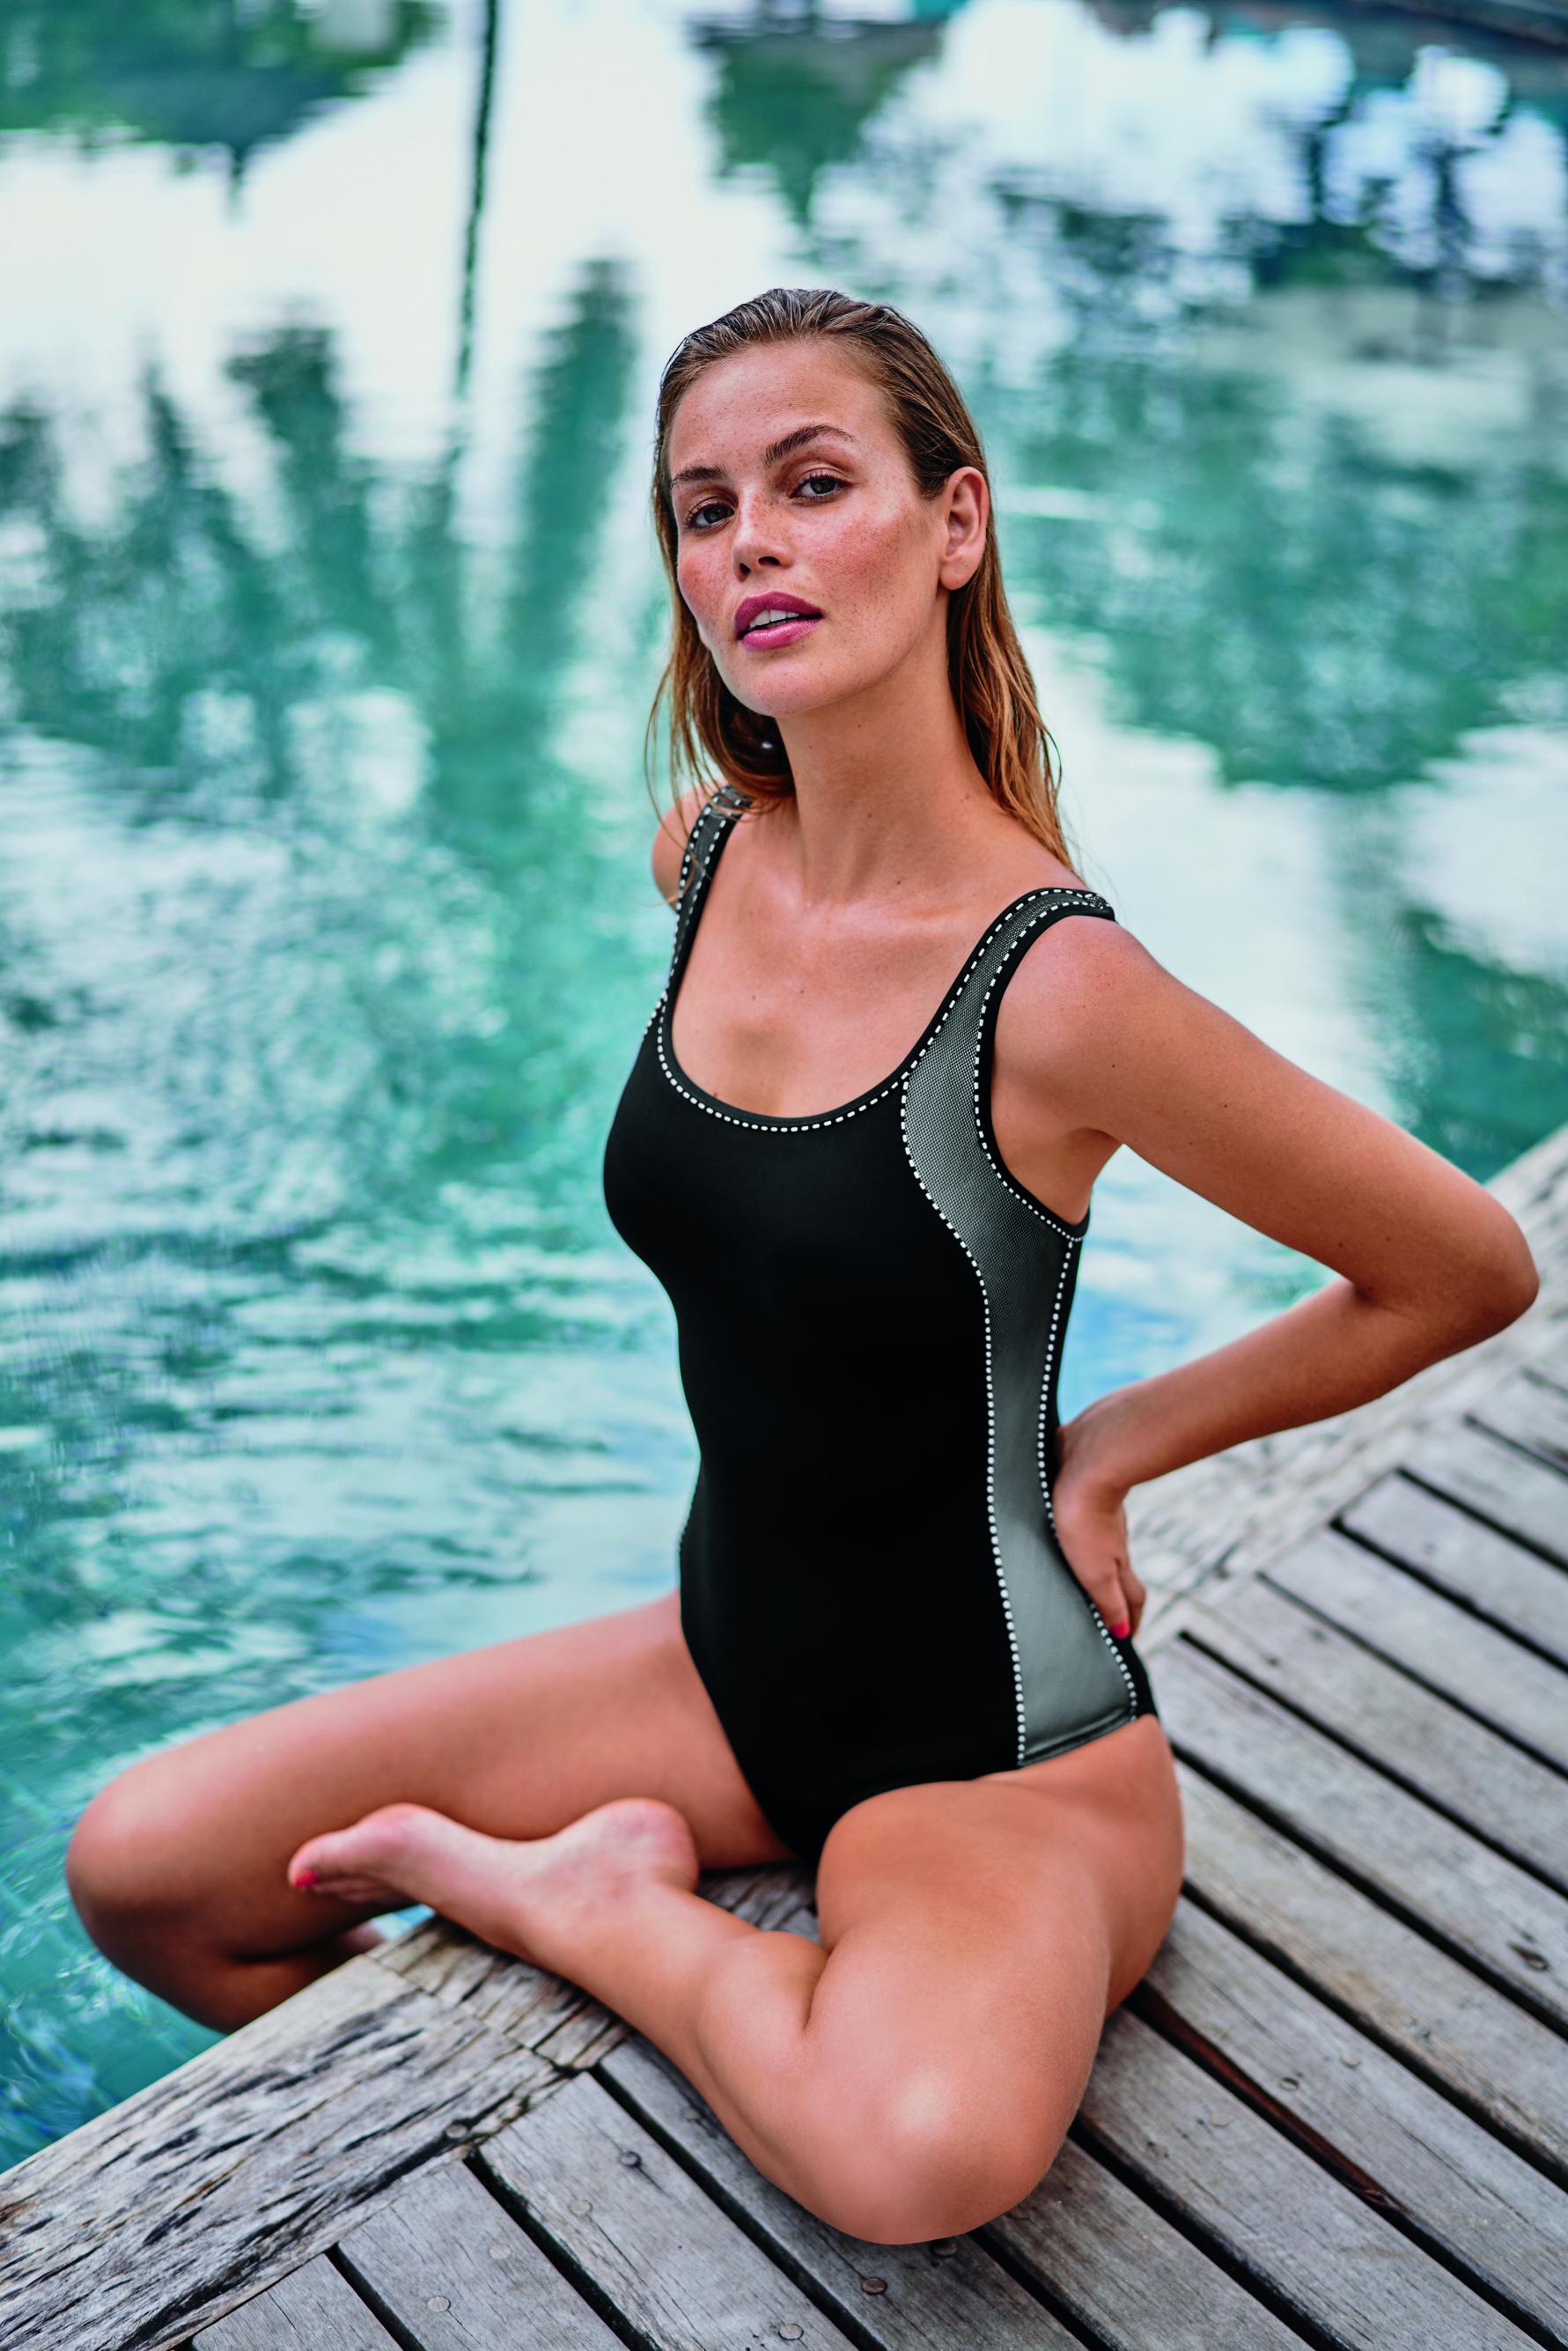 Maillot de bain pour prothèse mammaire 6210X - ANITA 2020